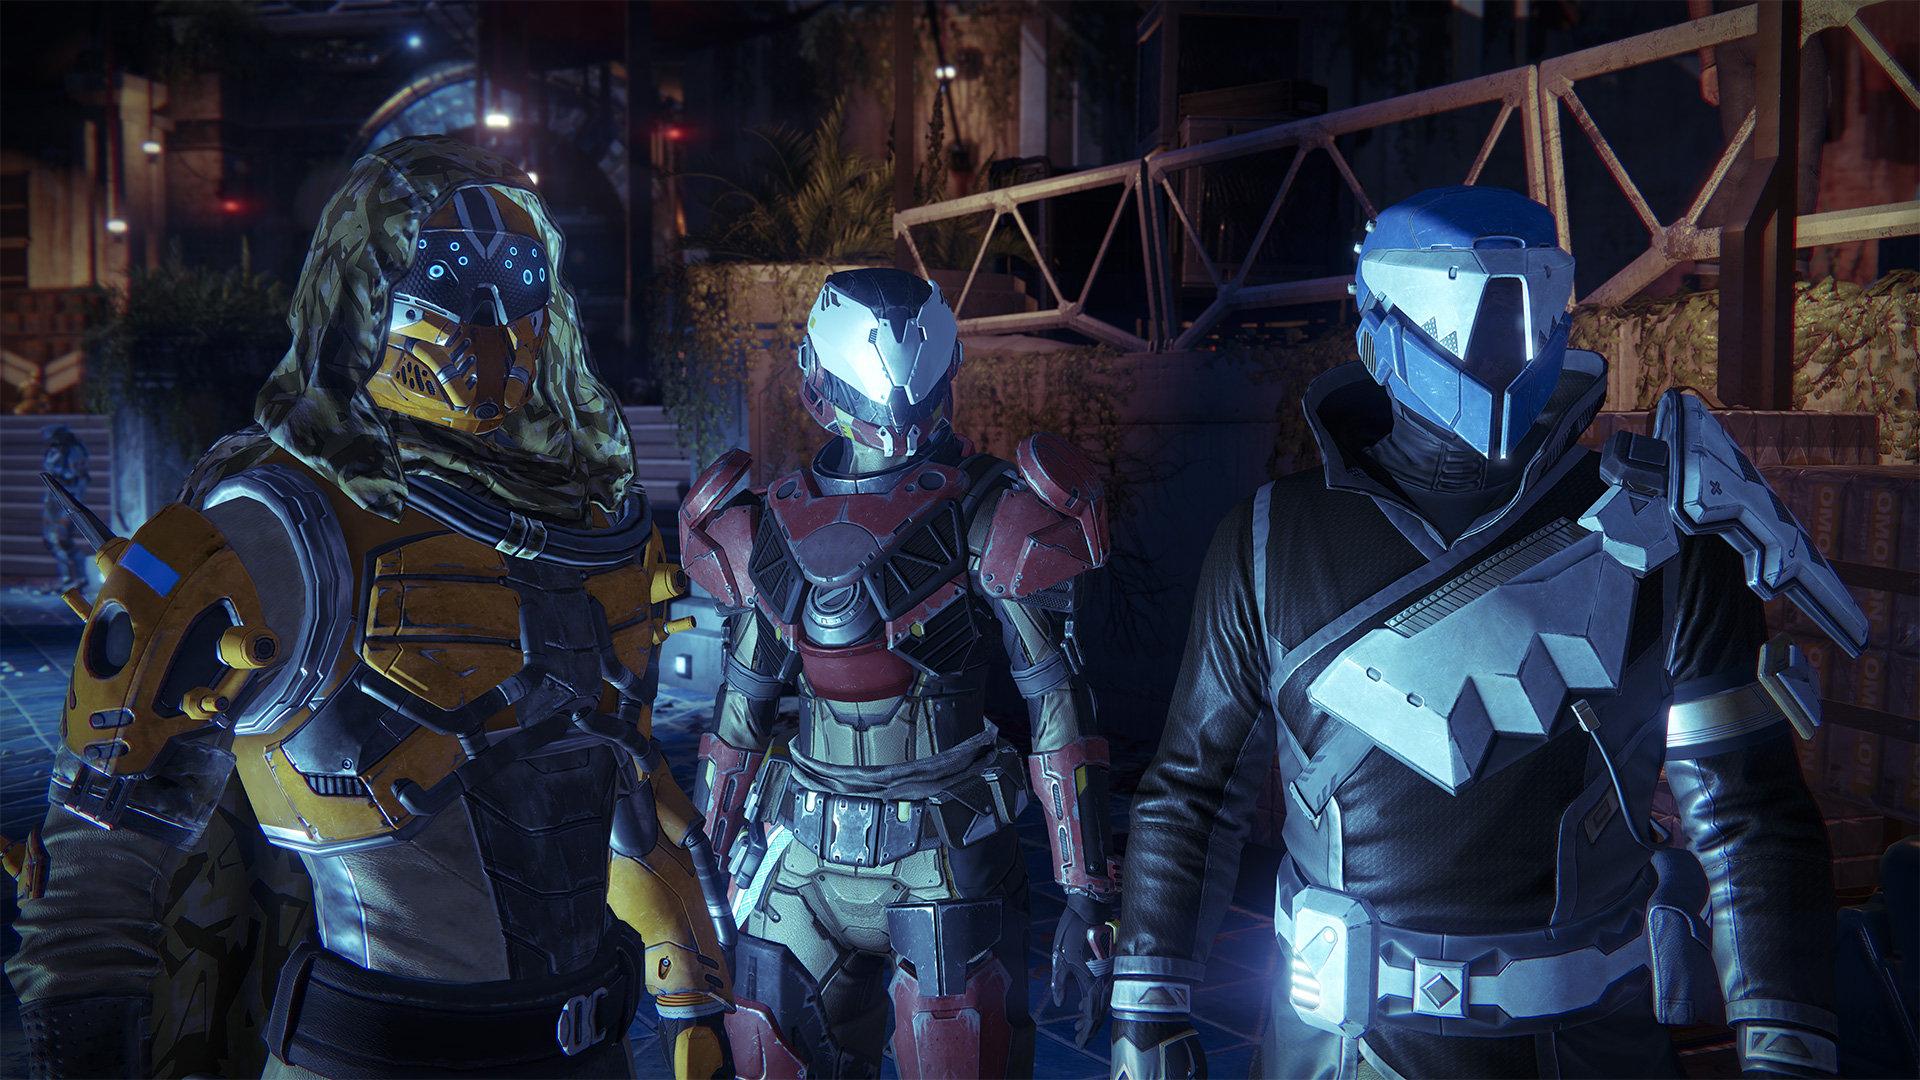 Photo of Imagens do conteúdo exclusivo de Destiny para a Playstation